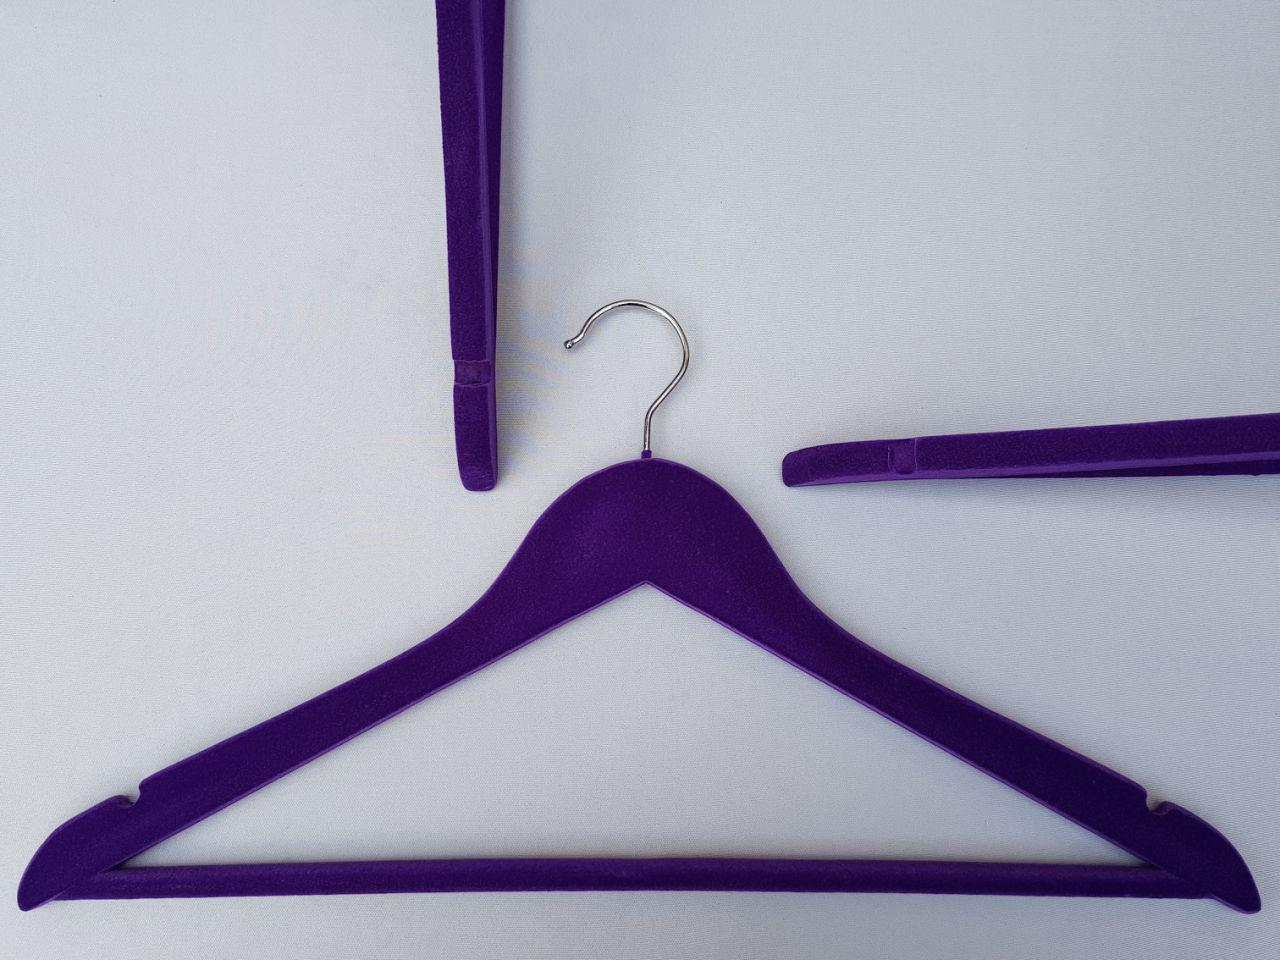 Плечики вешалки  тремпеля деревянные флокированные фиолетовые, 44 см